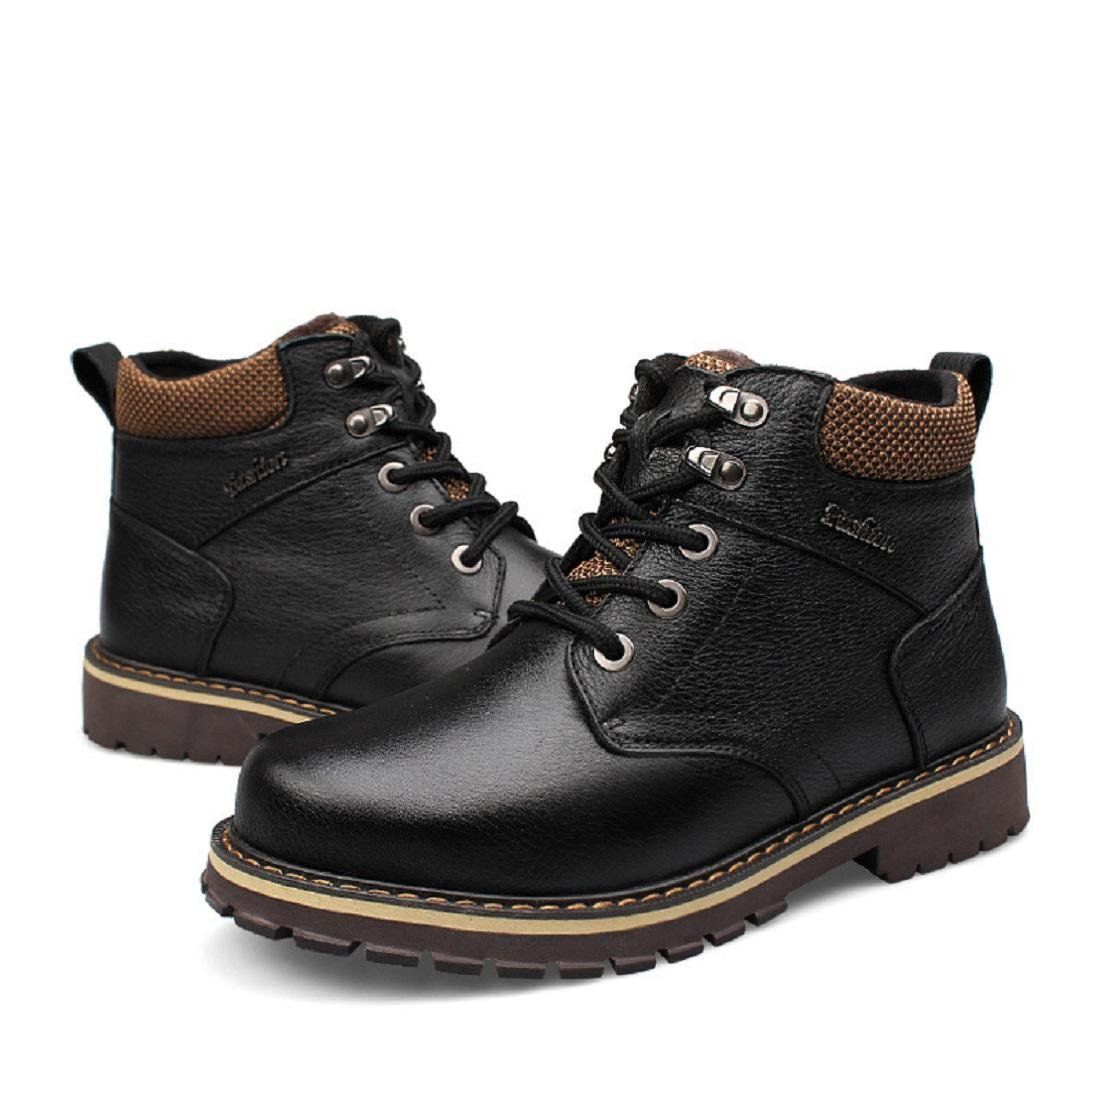 Herren Winter Plus Kaschmir Martin Stiefel Warm halten Baumwollstiefel Draussen Schuhe Lässige Schuhe Draussen Lederstiefel EUR GRÖSSE 38-50 46840a